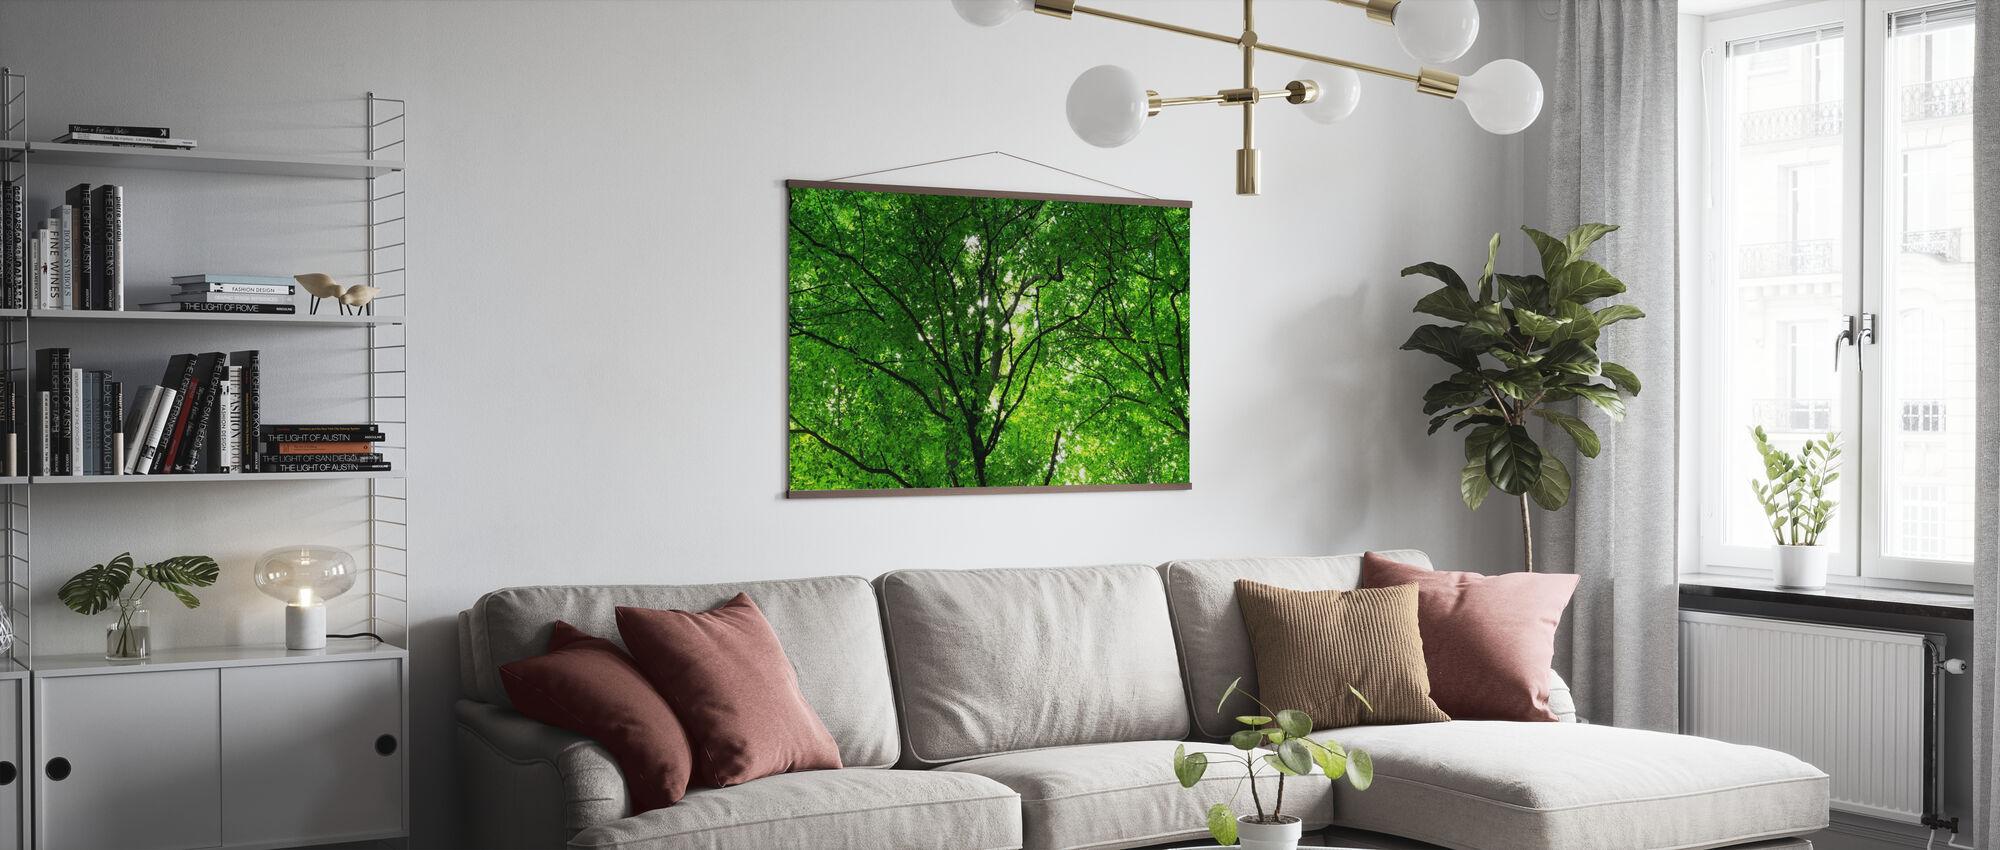 Grüner Wald im Frühling - Poster - Wohnzimmer